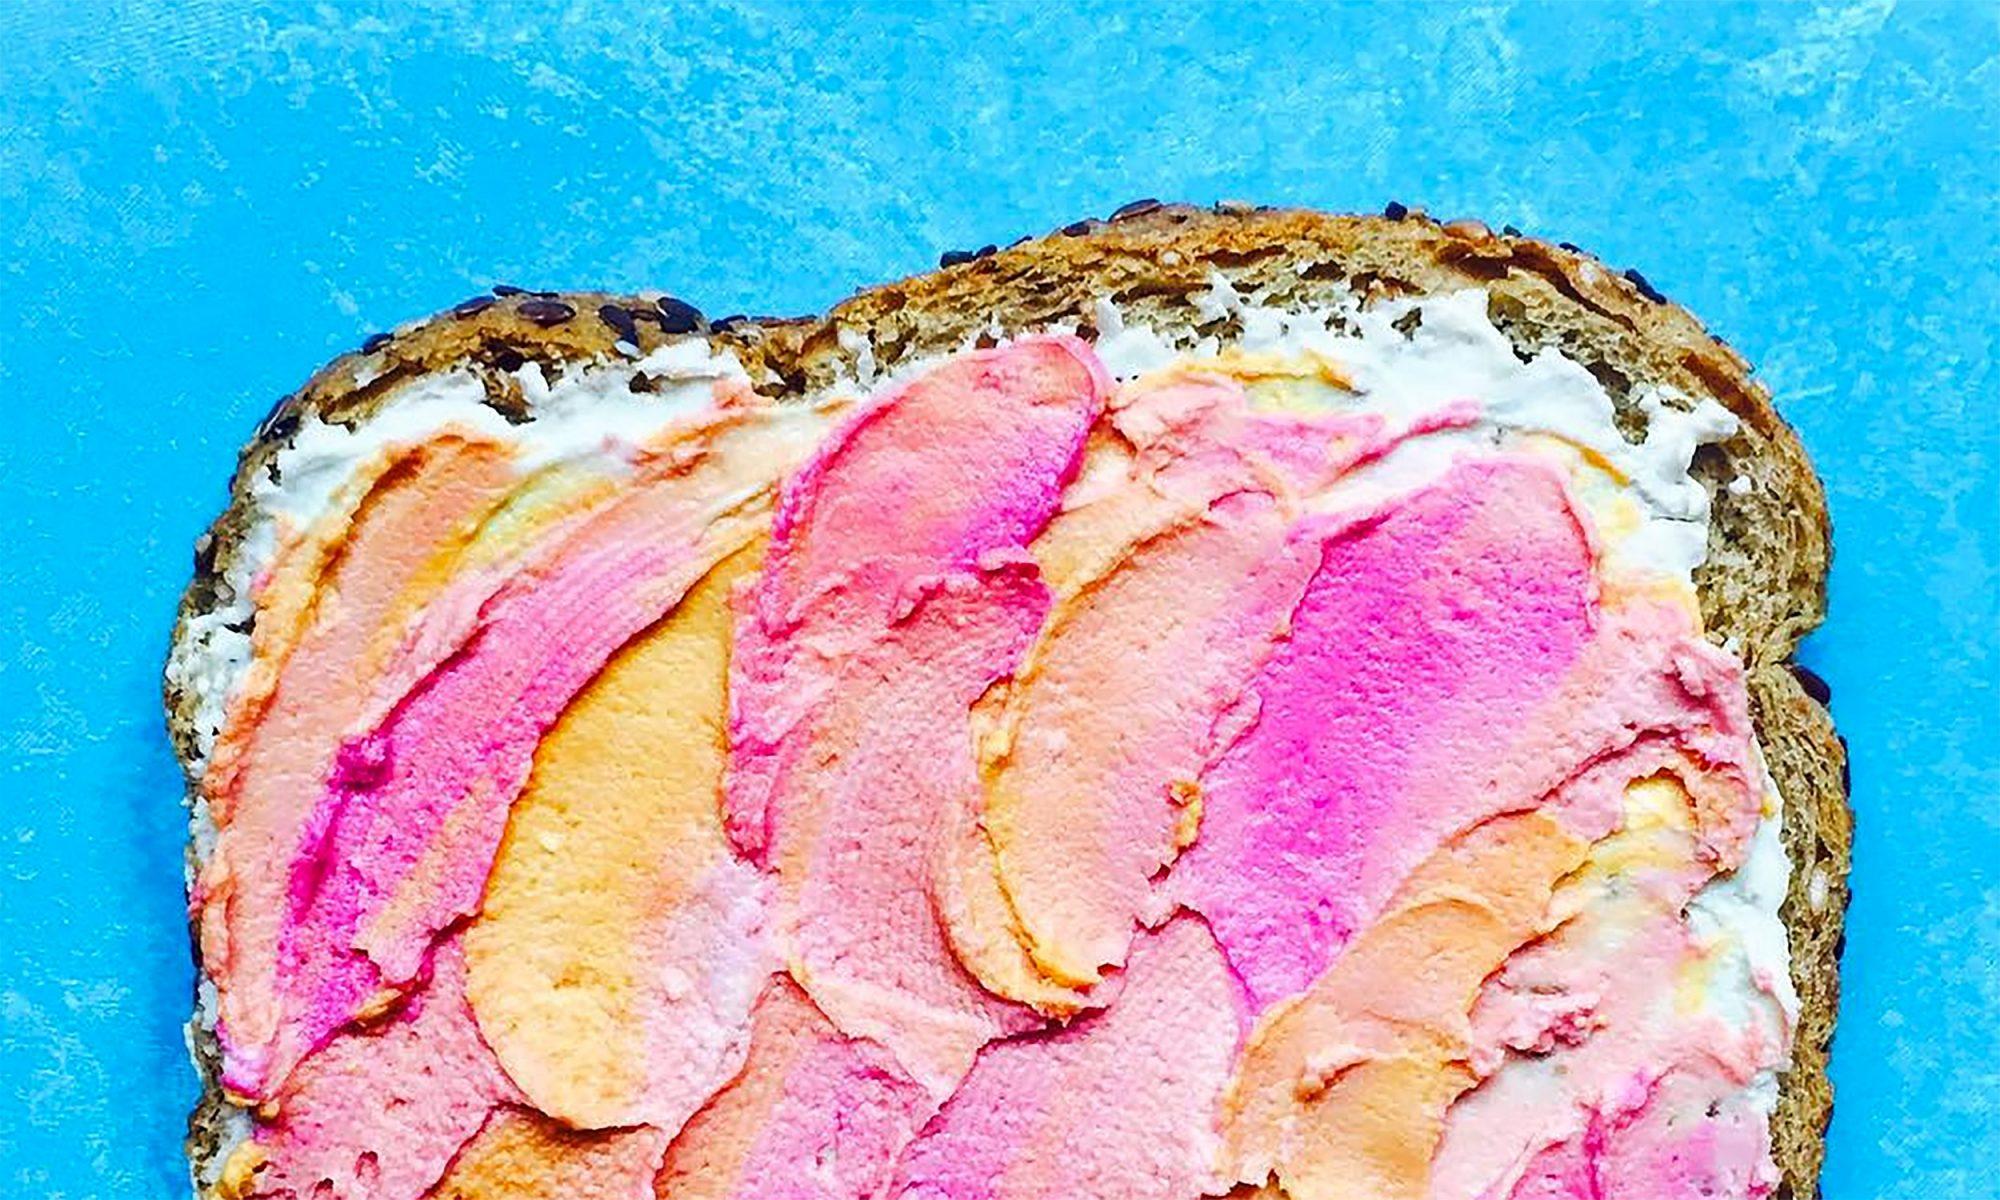 EC: Unicorn Toast Is the Next Rainbow Food Trend